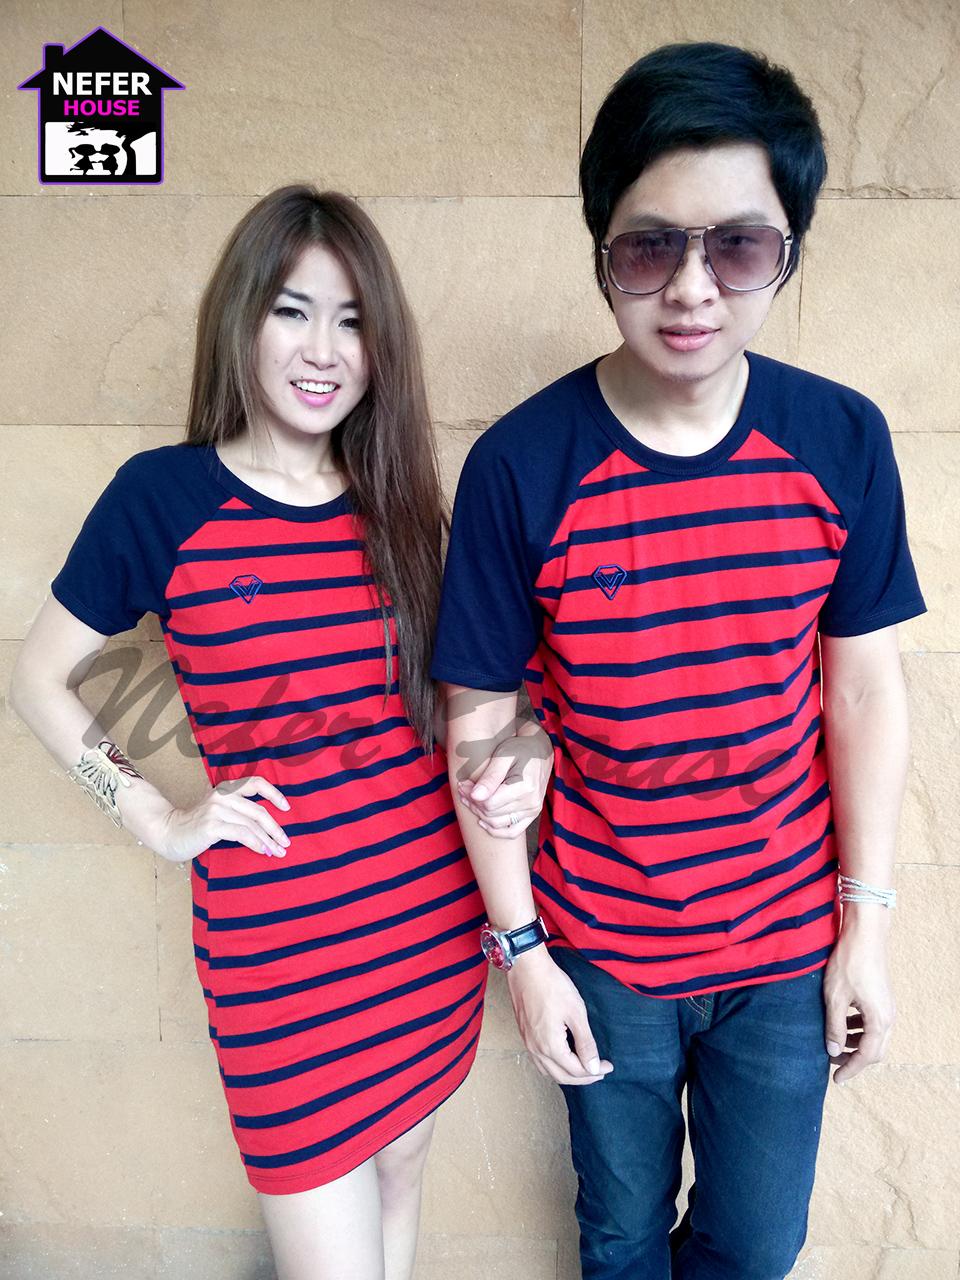 เสื้อคู่รักพร้อมส่ง ชุดผ้ายืดแดงริ้วน้ำเงิน